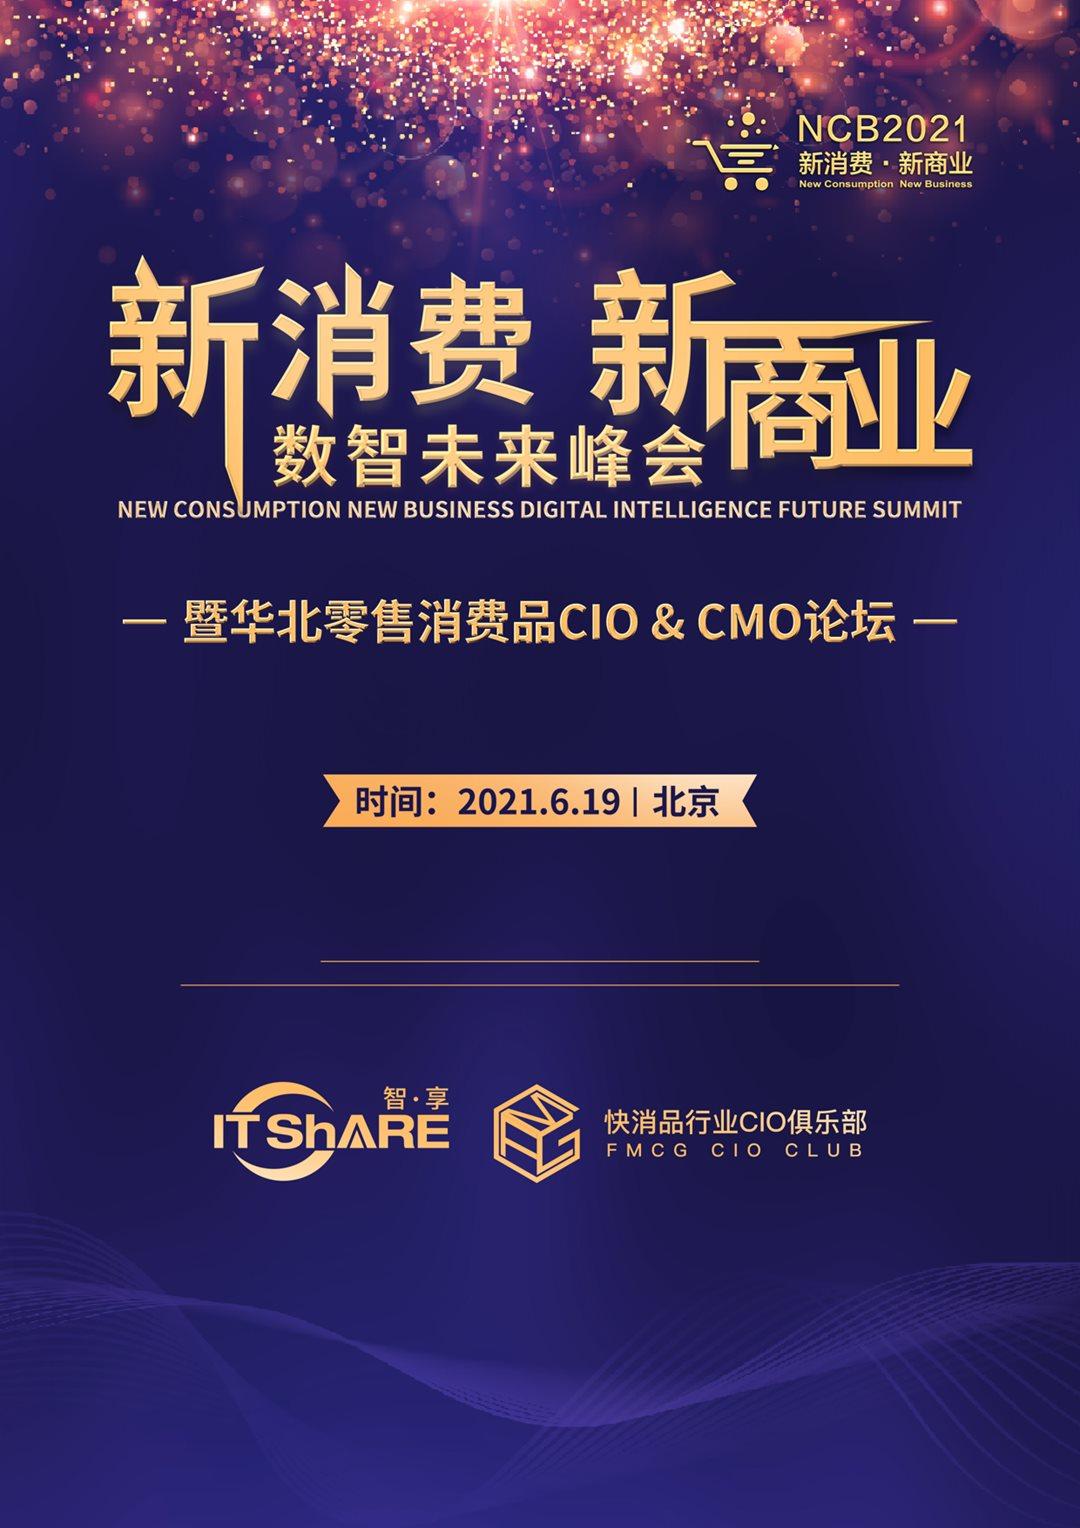 """""""新消费,新商业""""数智未来峰会暨华北零售消费品CIO&CMO论坛"""